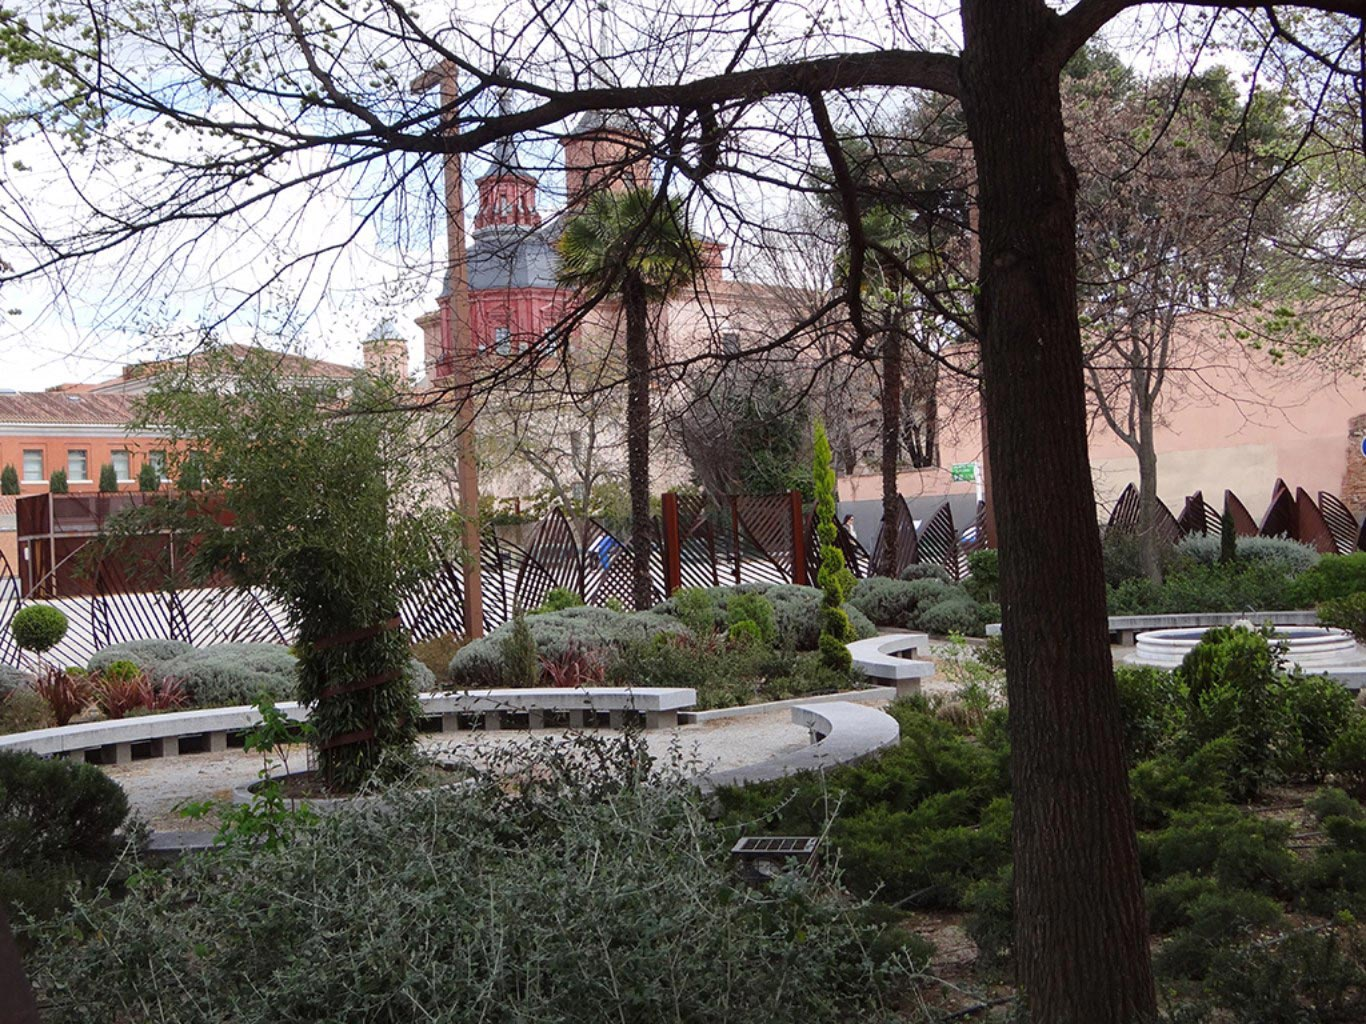 Plaza de san lucas de alcal de henares dream alcal for Cementerio jardin de alcala de henares